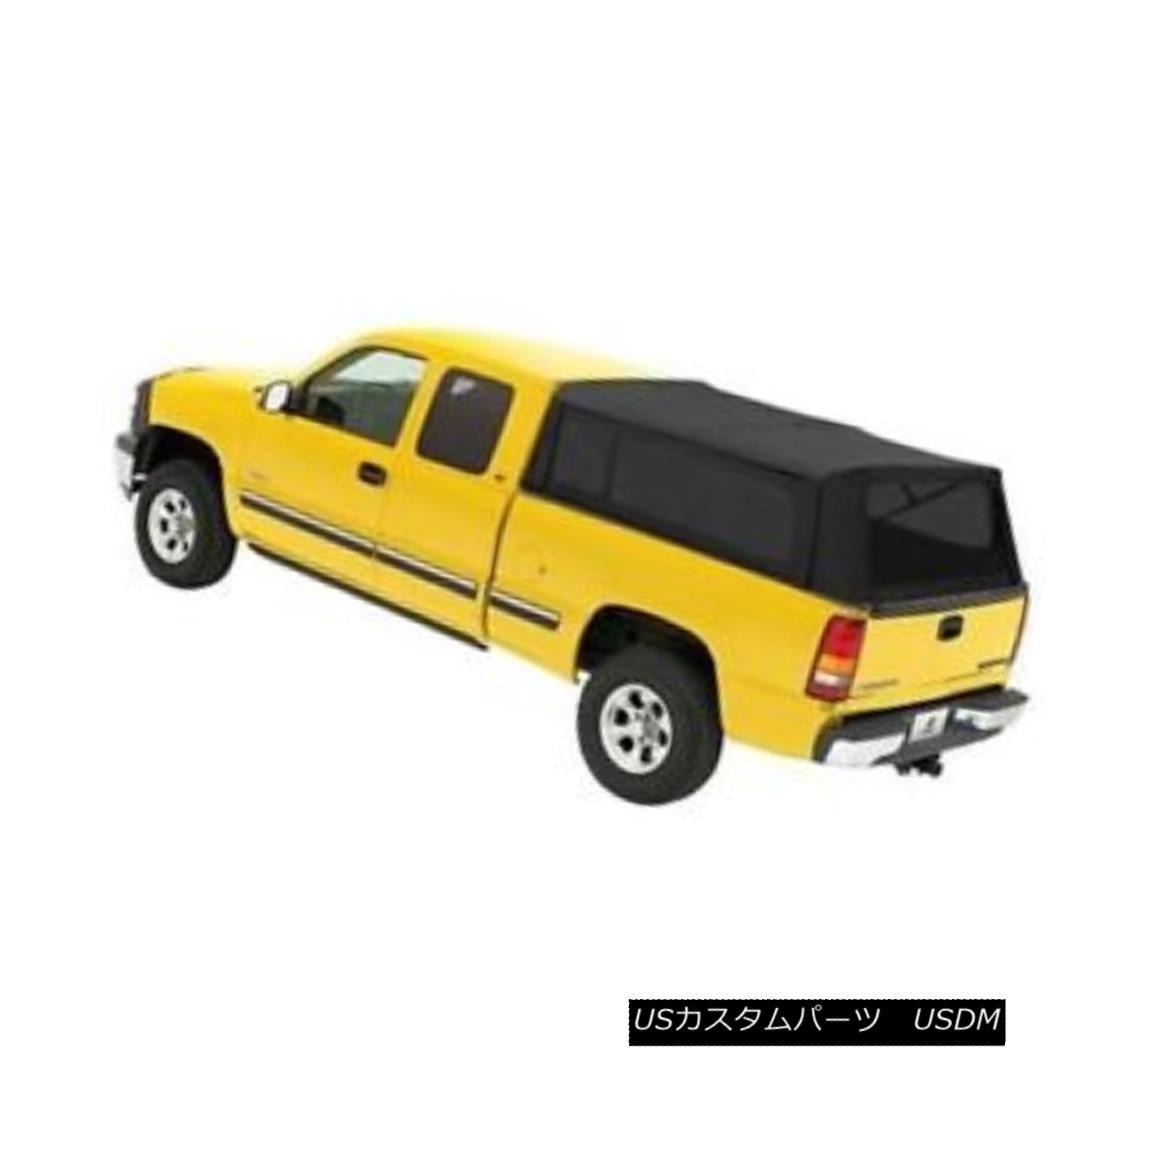 幌・ソフトトップ Bestop 76304-35 Soft Top Supertop Truck Bed Cover Canvas Black Diamond for Dodge Bestop 76304-35ソフトトップスパートップトラックベッドカバーキャンバスブラックダイヤモンド